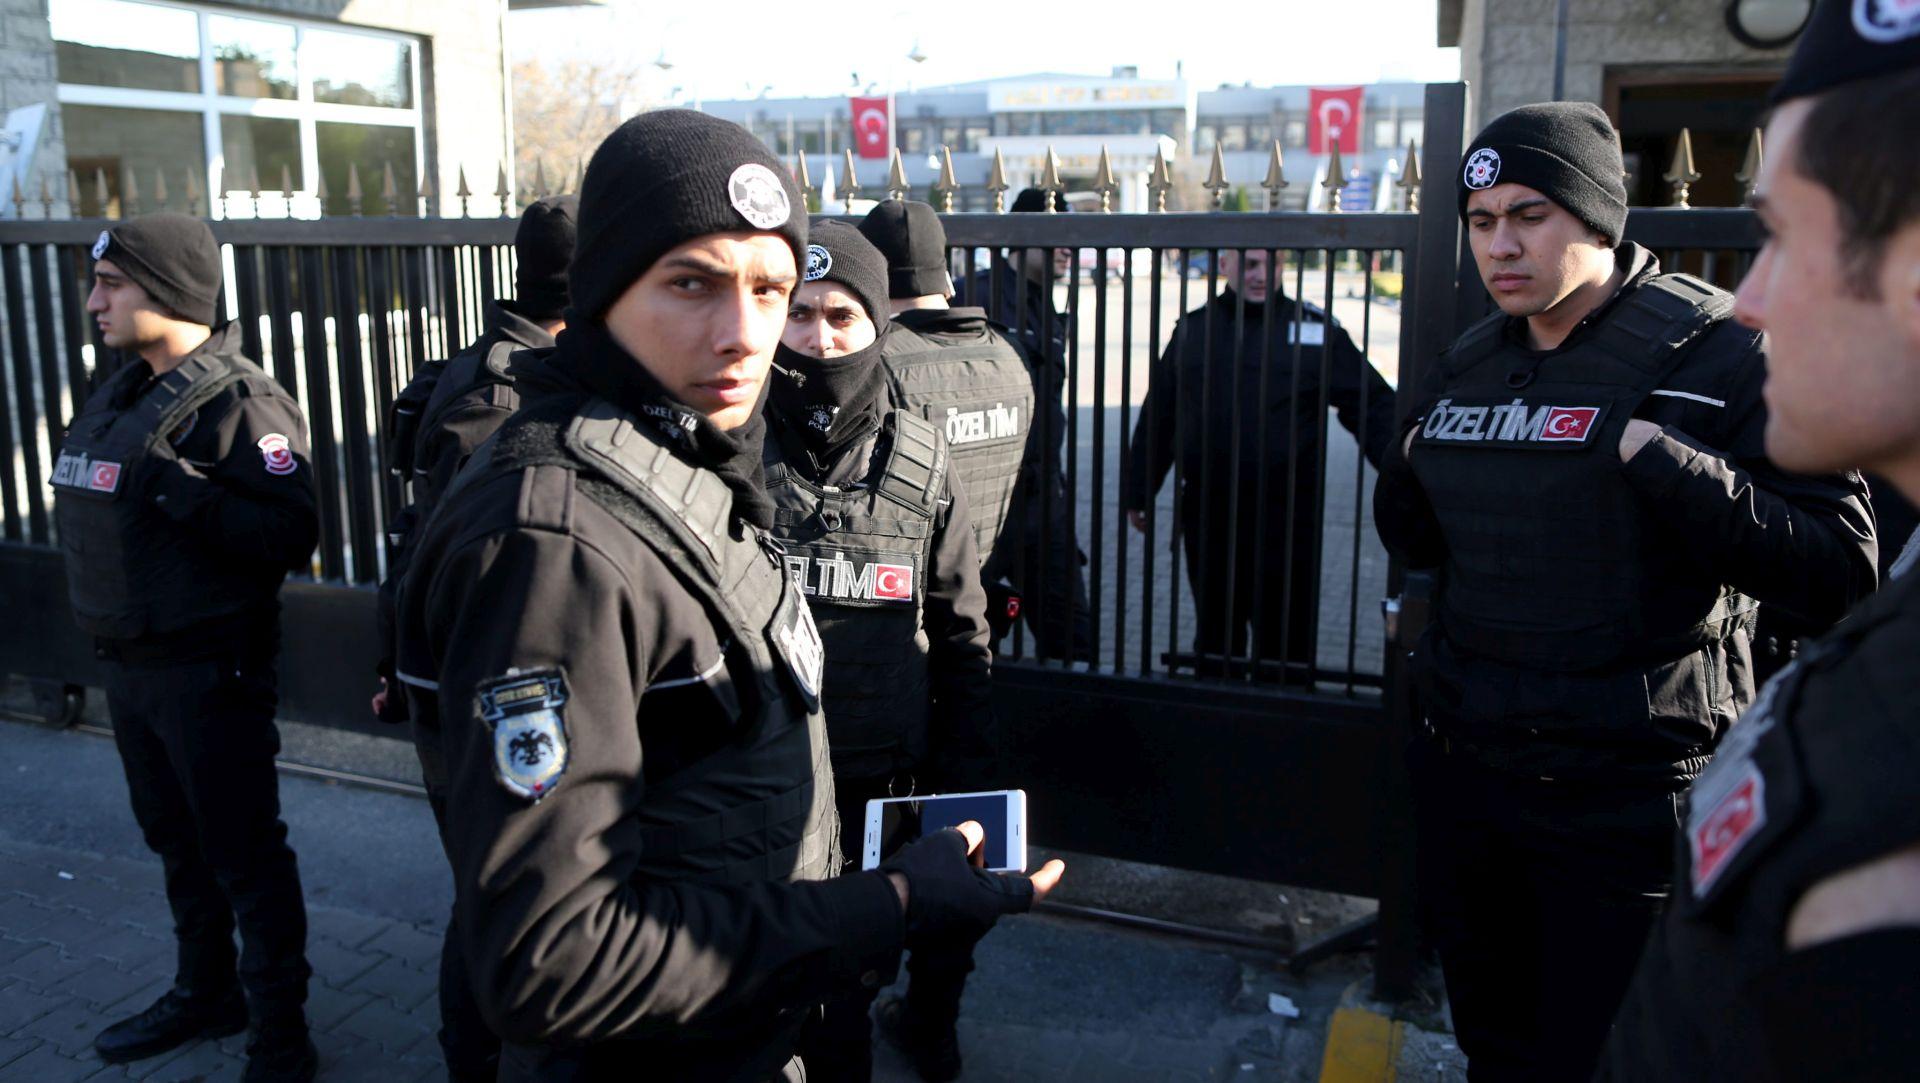 TURSKA Uhićeno više od 1000 ljudi, sumnja u pripadnost IS-u i pobunjenicima